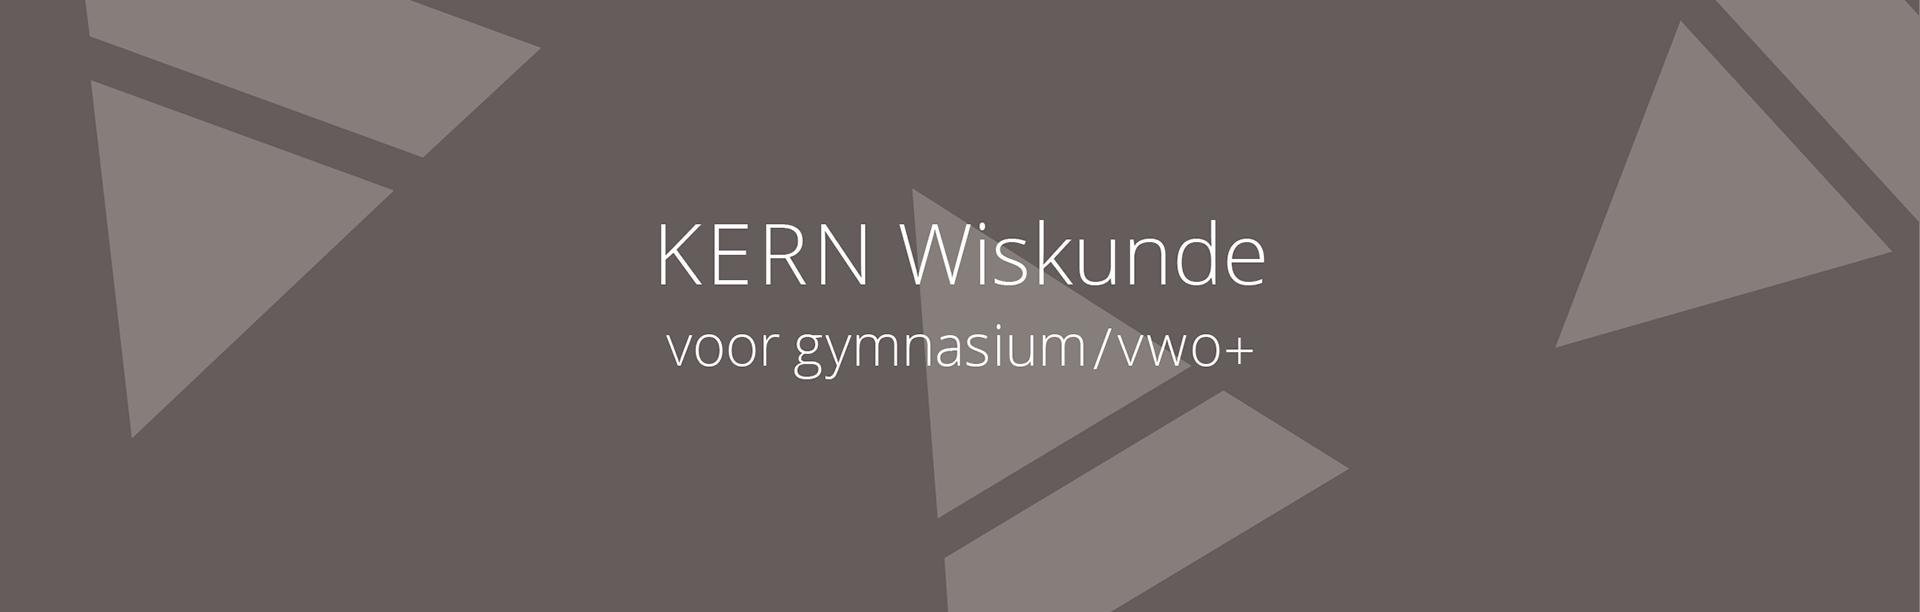 Lesmethode Wiskunde voortgezet onderwijs | Bestel KERN Wiskunde gymnasium vwo+